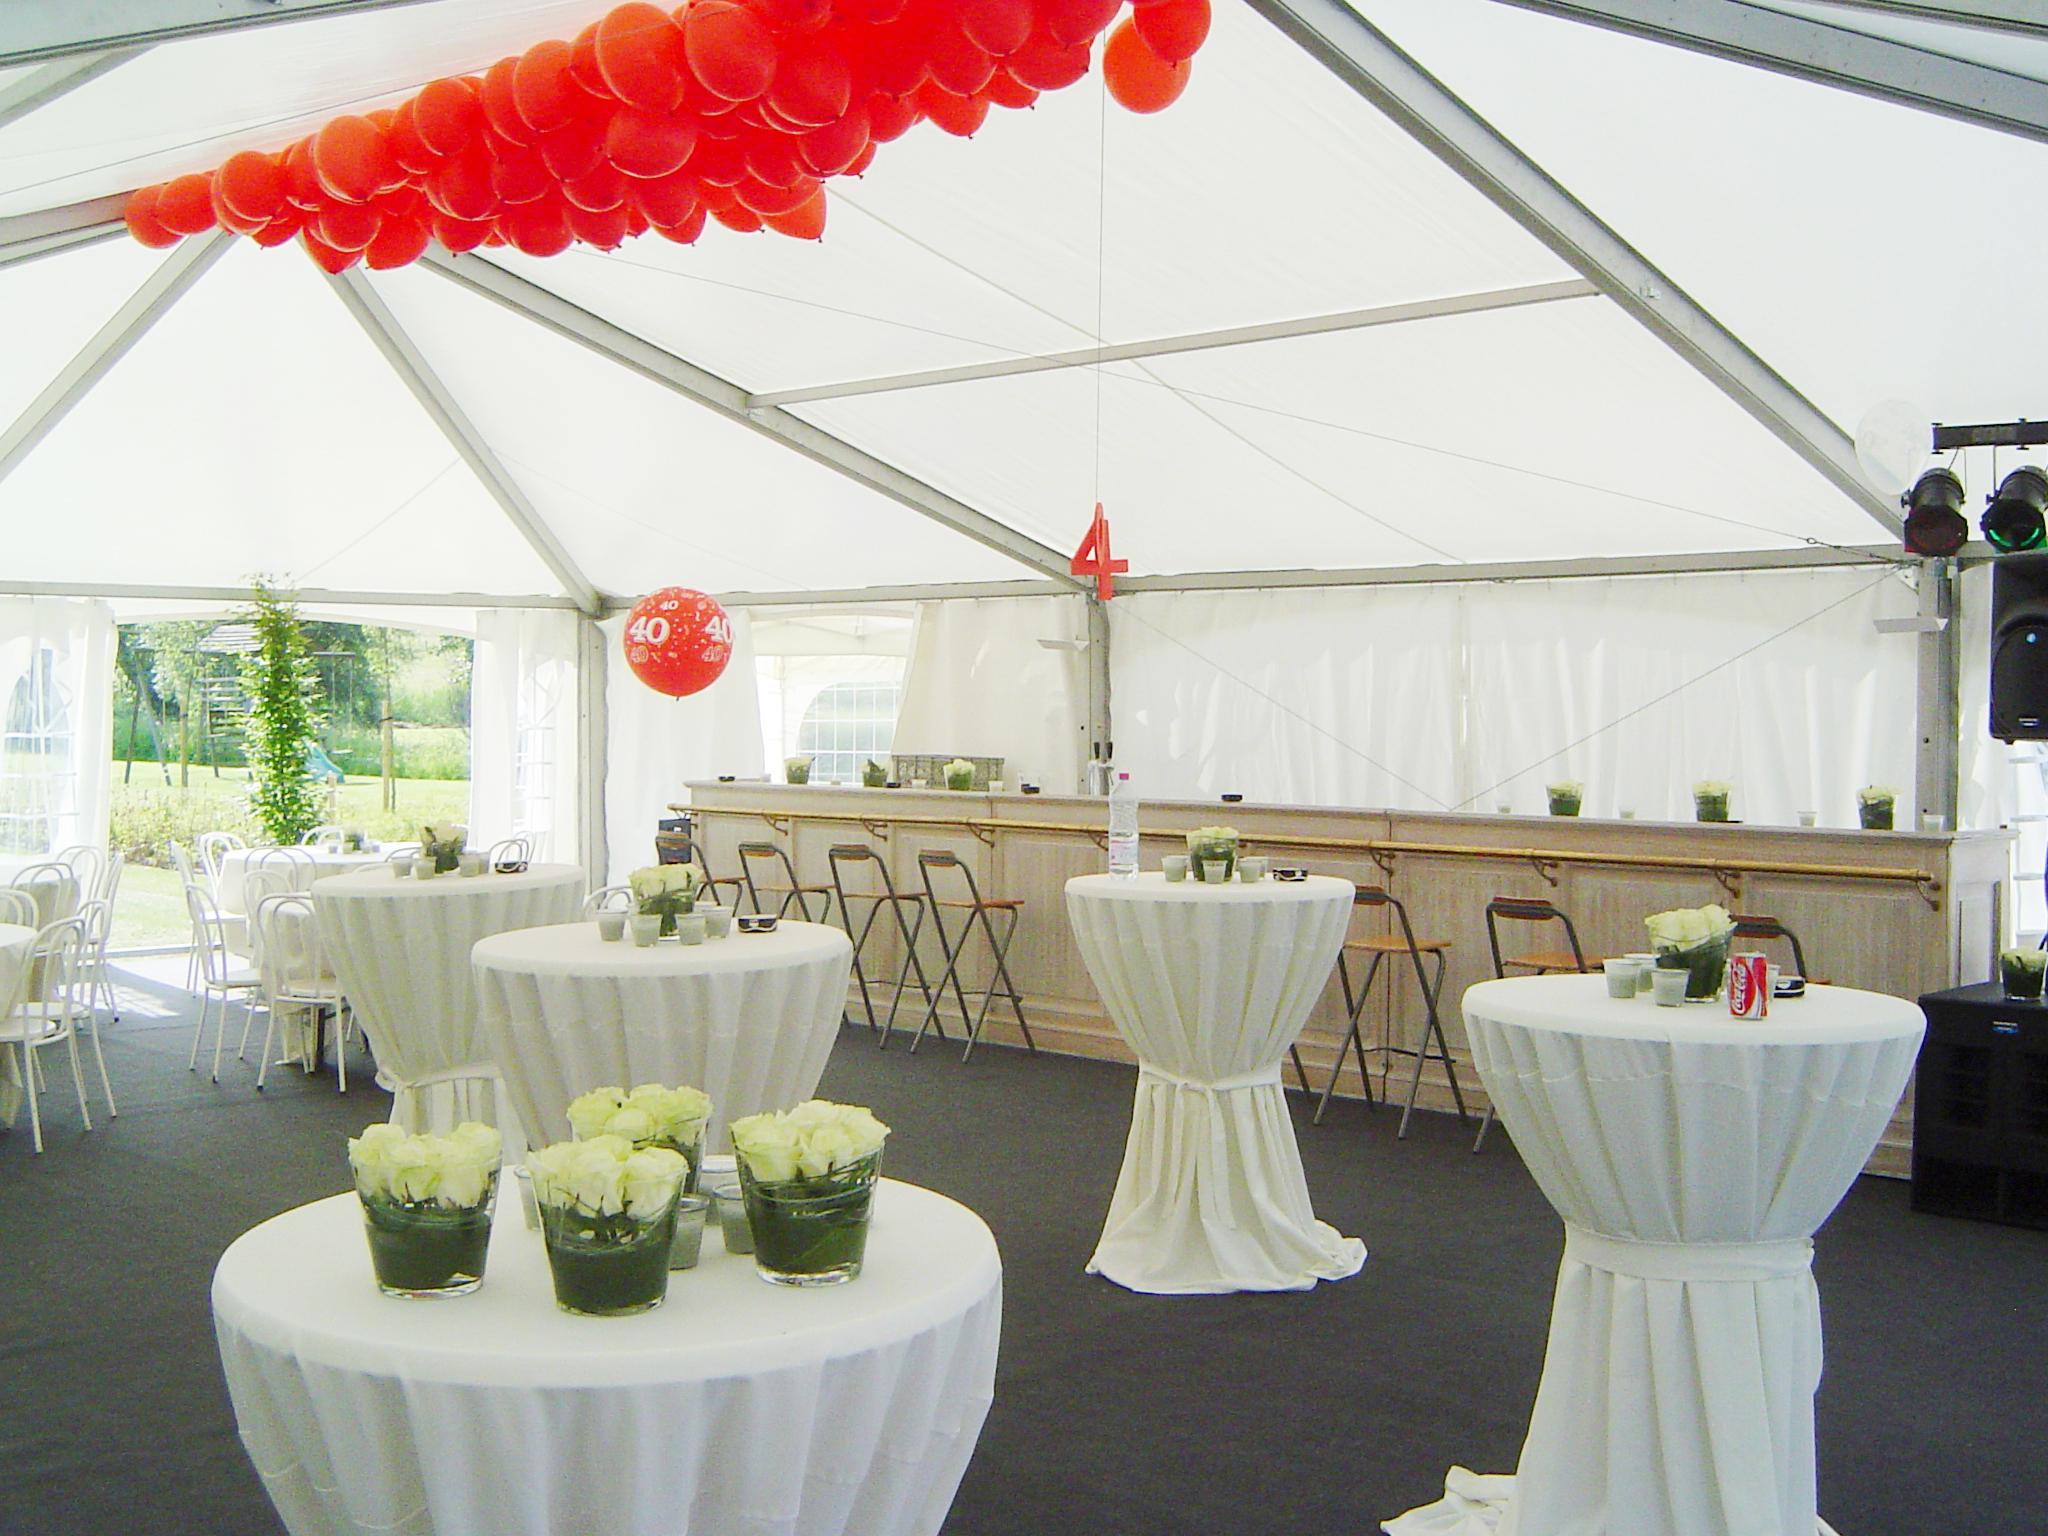 Tent huren | Verhuur feestmateriaal | Verhuur barmeubels | Feestverhuur | Verhuur verlichting